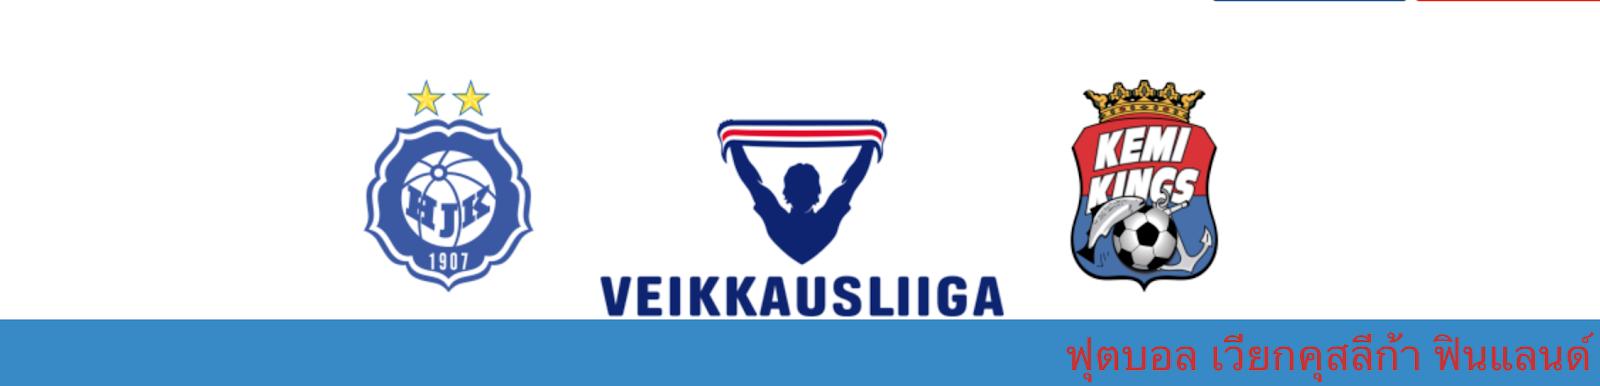 ดูบอลสด วิเคราะห์บอล ฟินแลนด์ ระหว่าง เอชเจเค เฮลซิงกิ vs พีเอส เคมี่